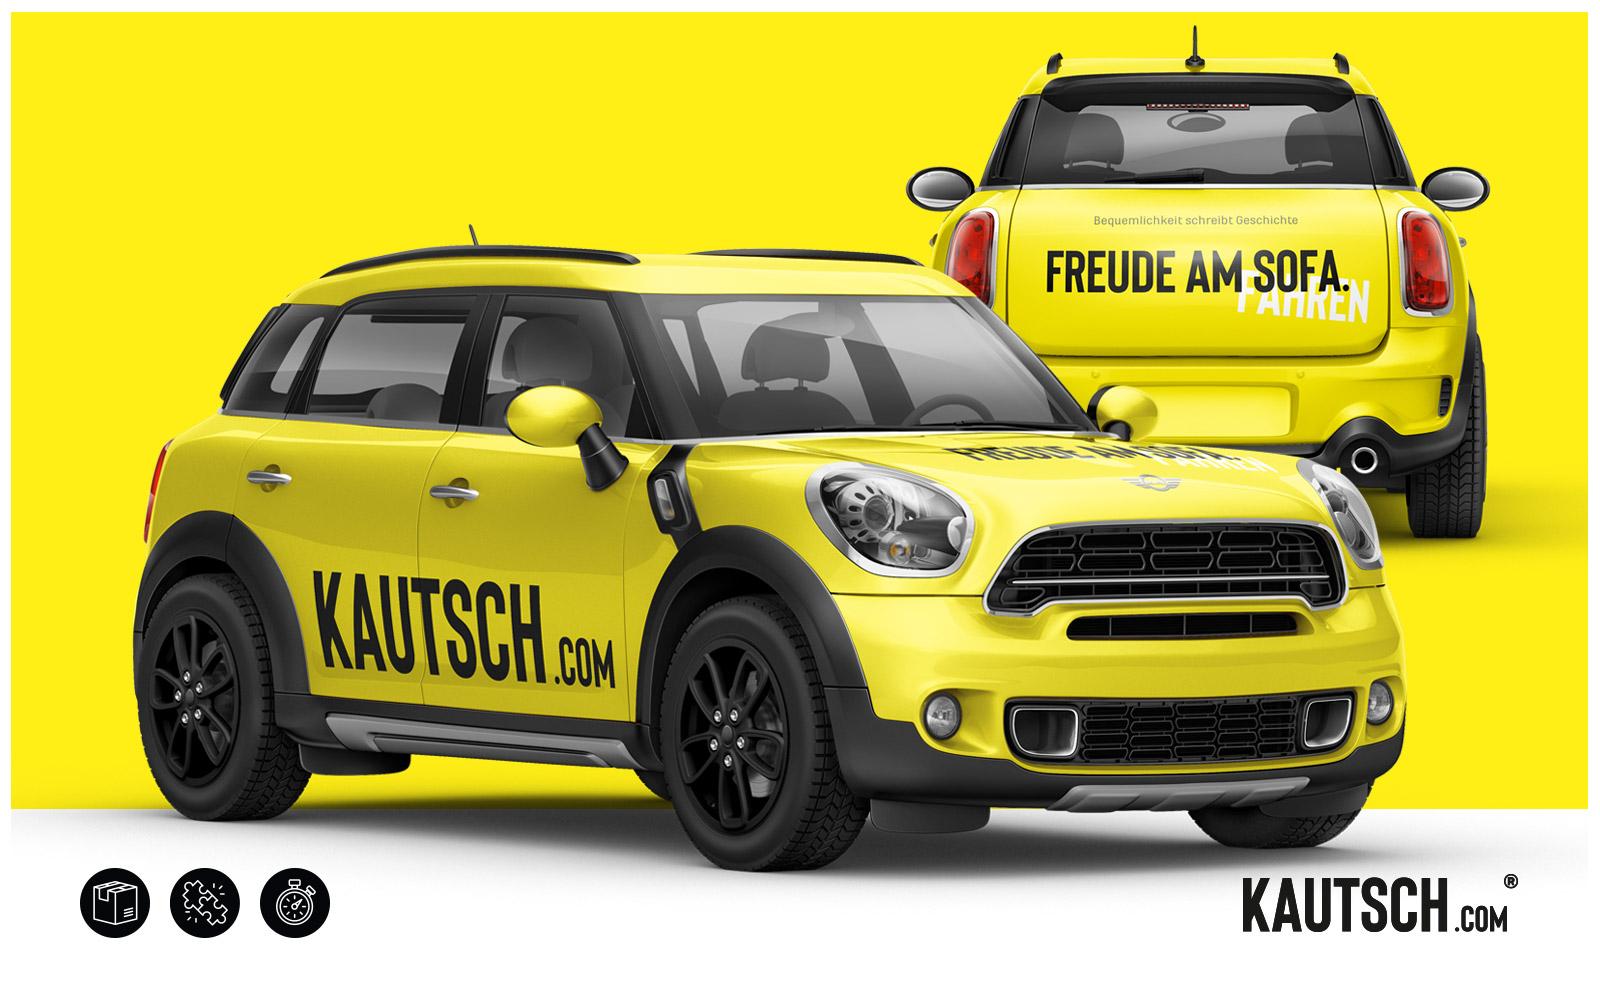 KAUTSCH.com – Auto